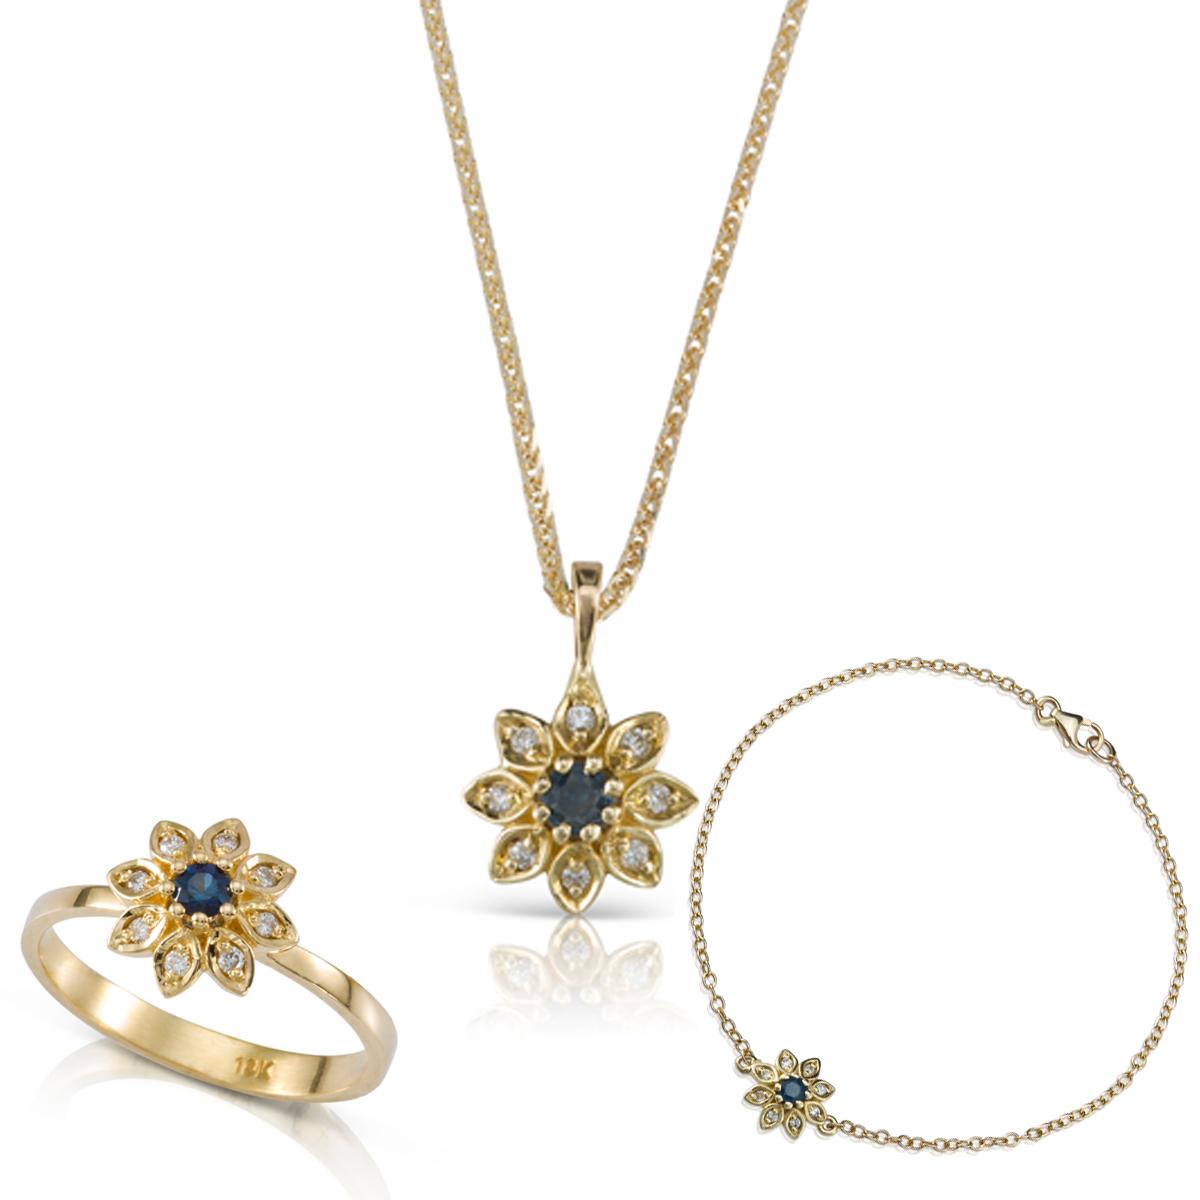 סט תכשיטי זהב בצורת פרח בשיבוץ יהלומים וספירים